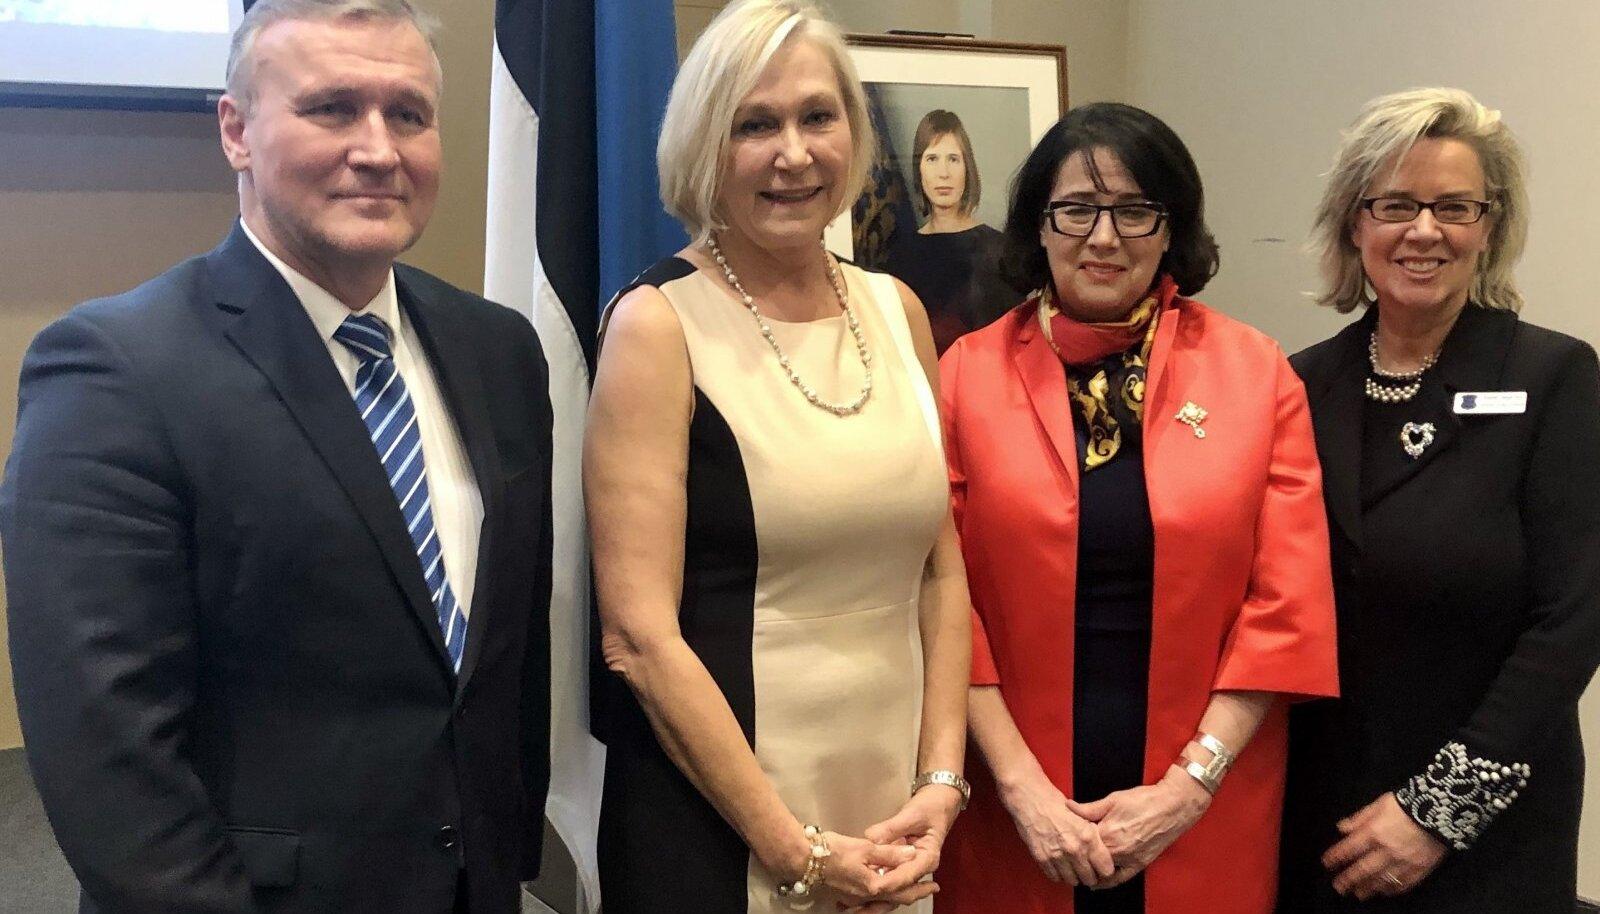 Eesti avas Vancouveris aukonsuli esinduse